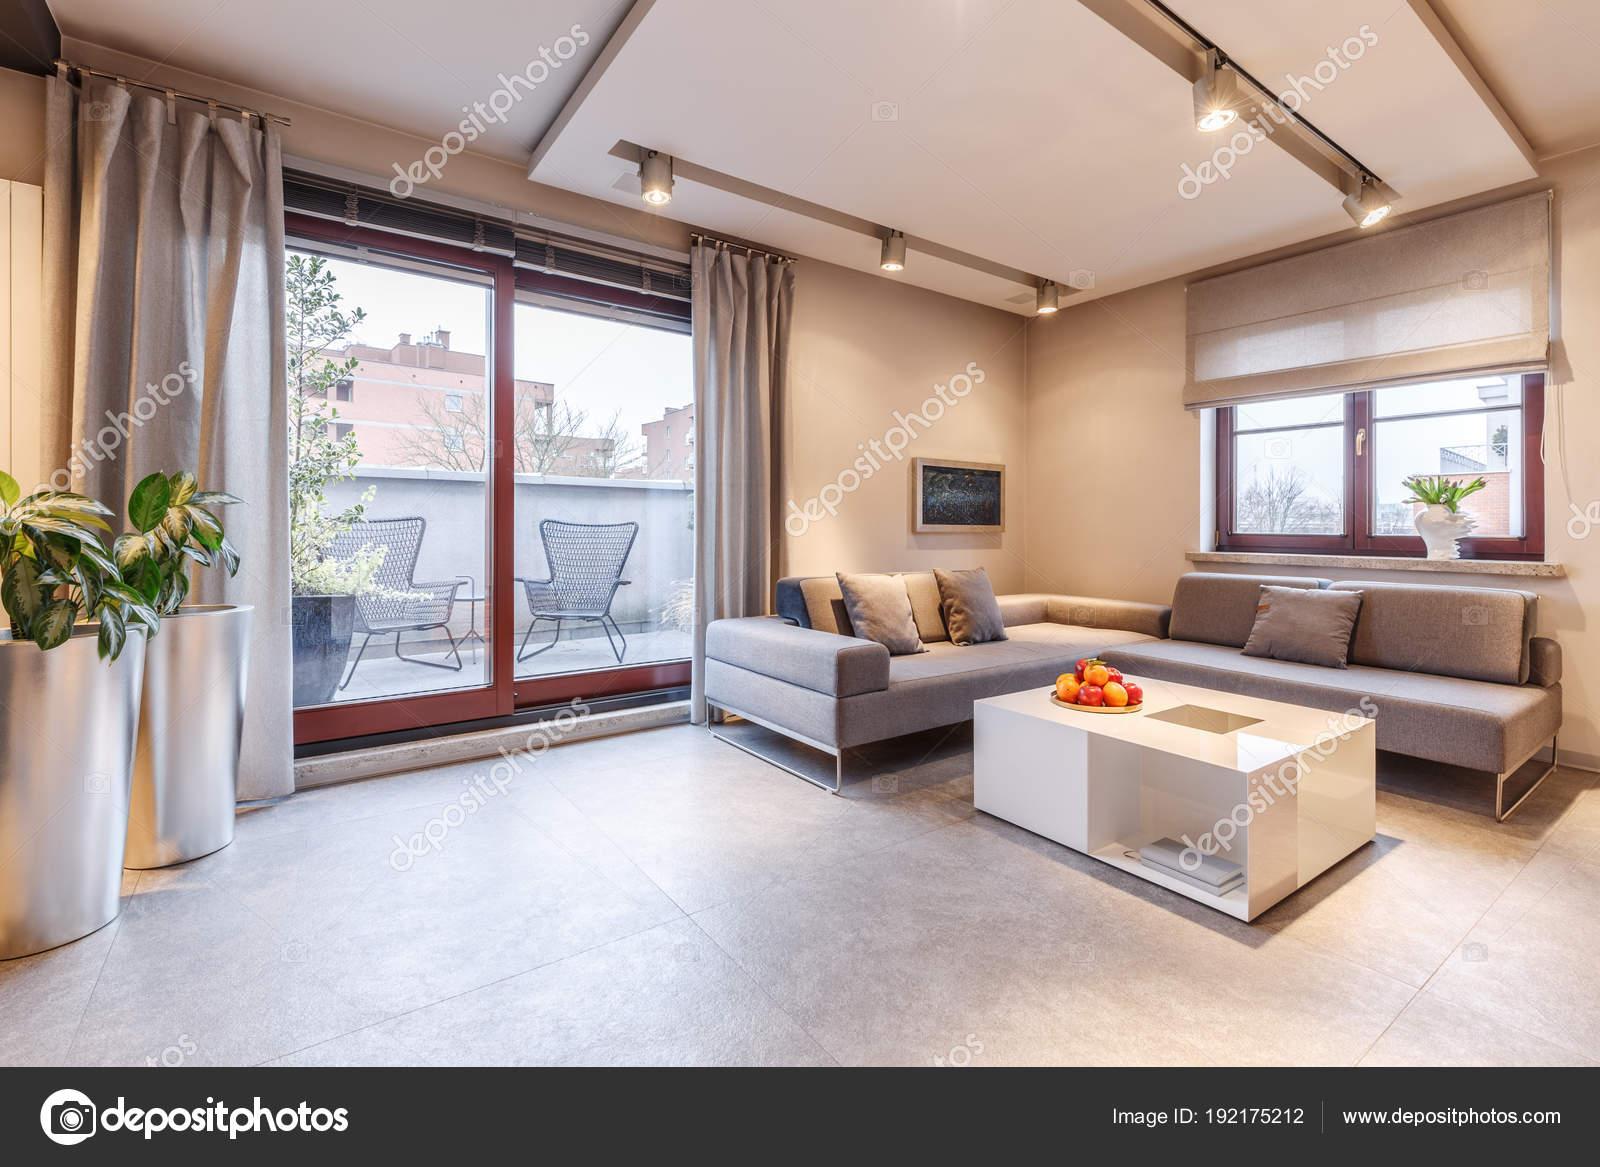 bruin ruime en moderne woonkamer interieur met een grijze bank tafel bloempotten gordijnen en balkon schuifdeuren foto van photographeeeu